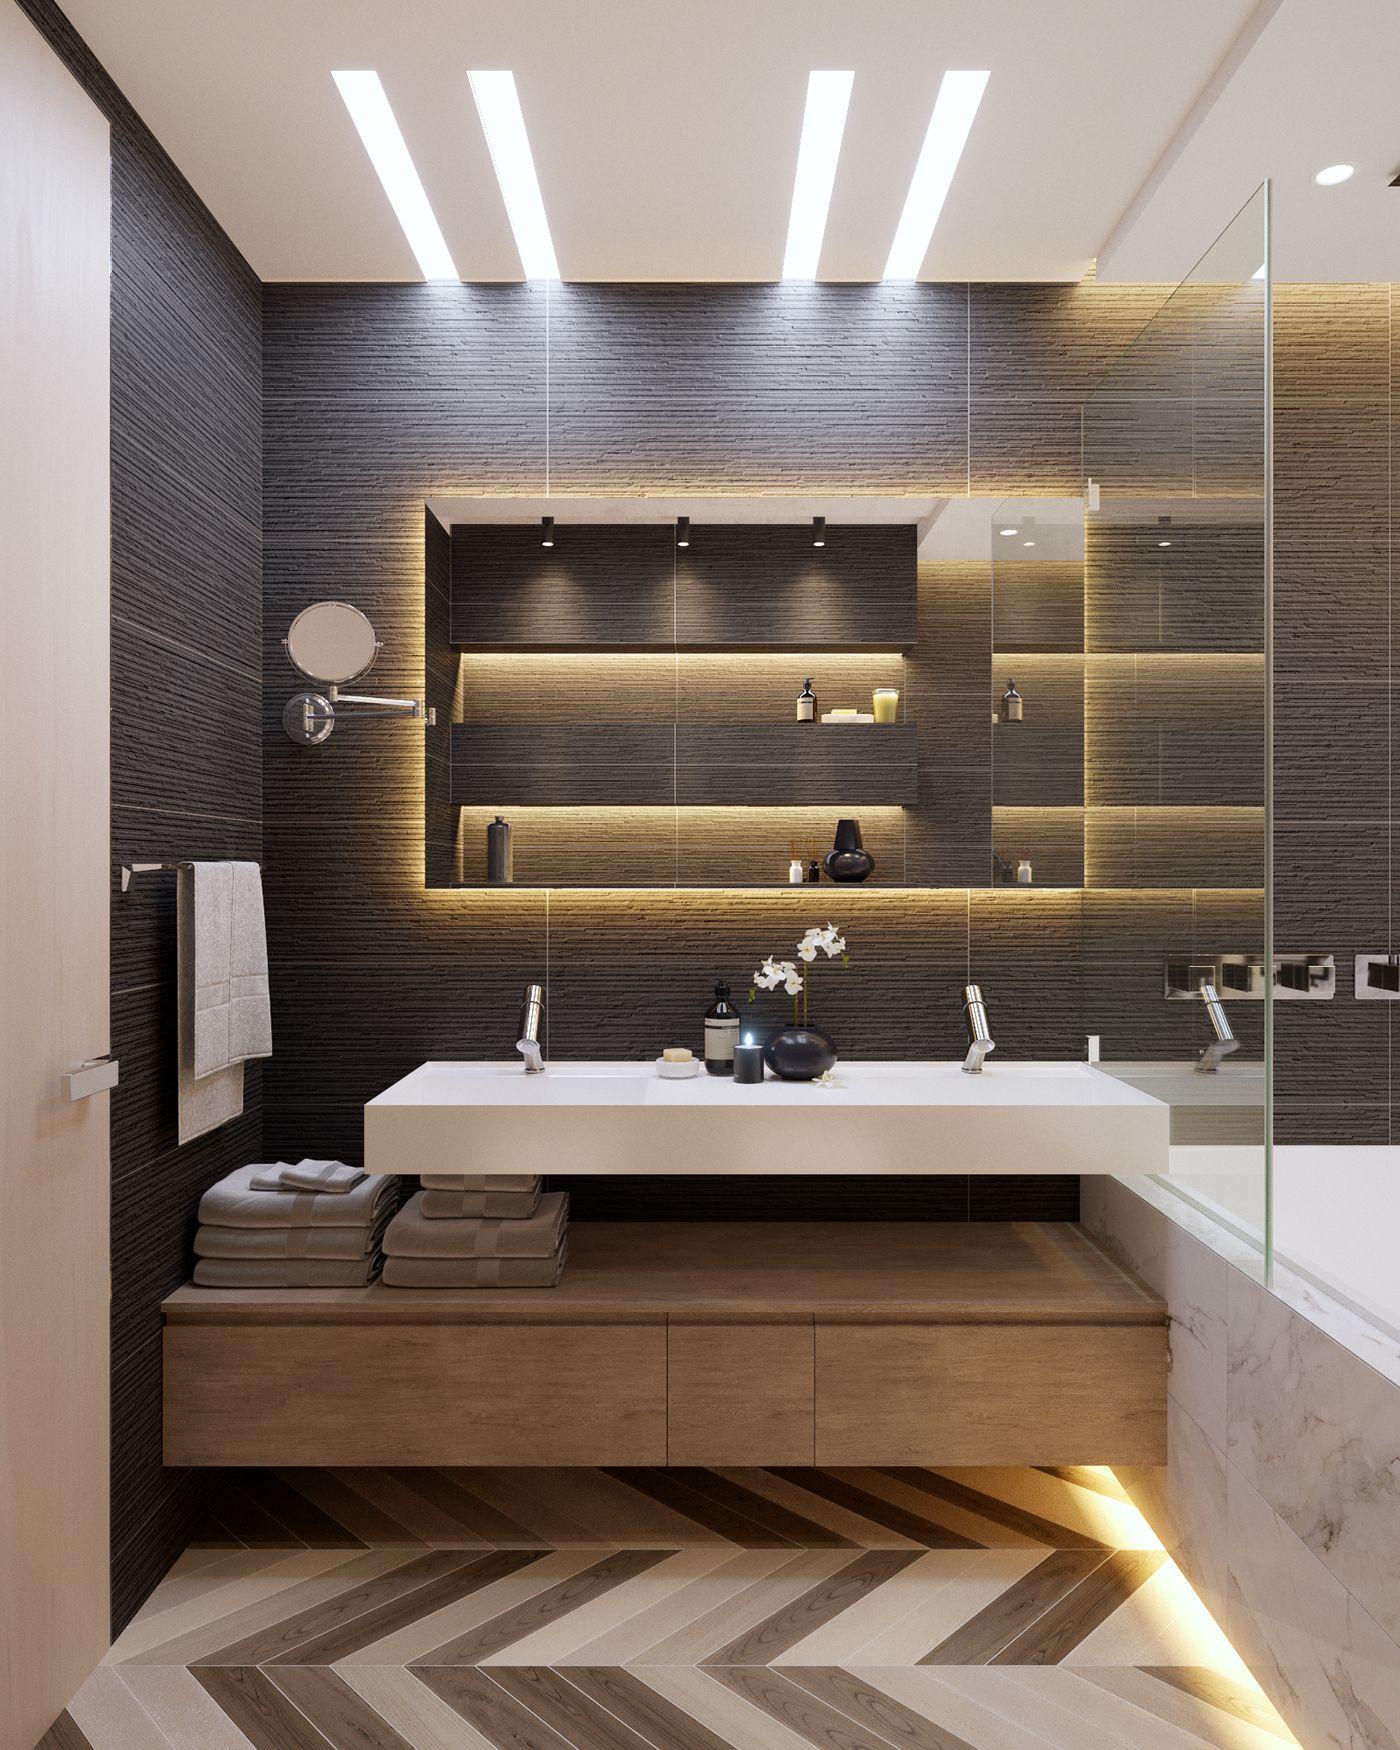 Bathroom Washroom Design Spa Bathroom Design Ideas: Apartments In UkraineDesign: DE&DE Interior